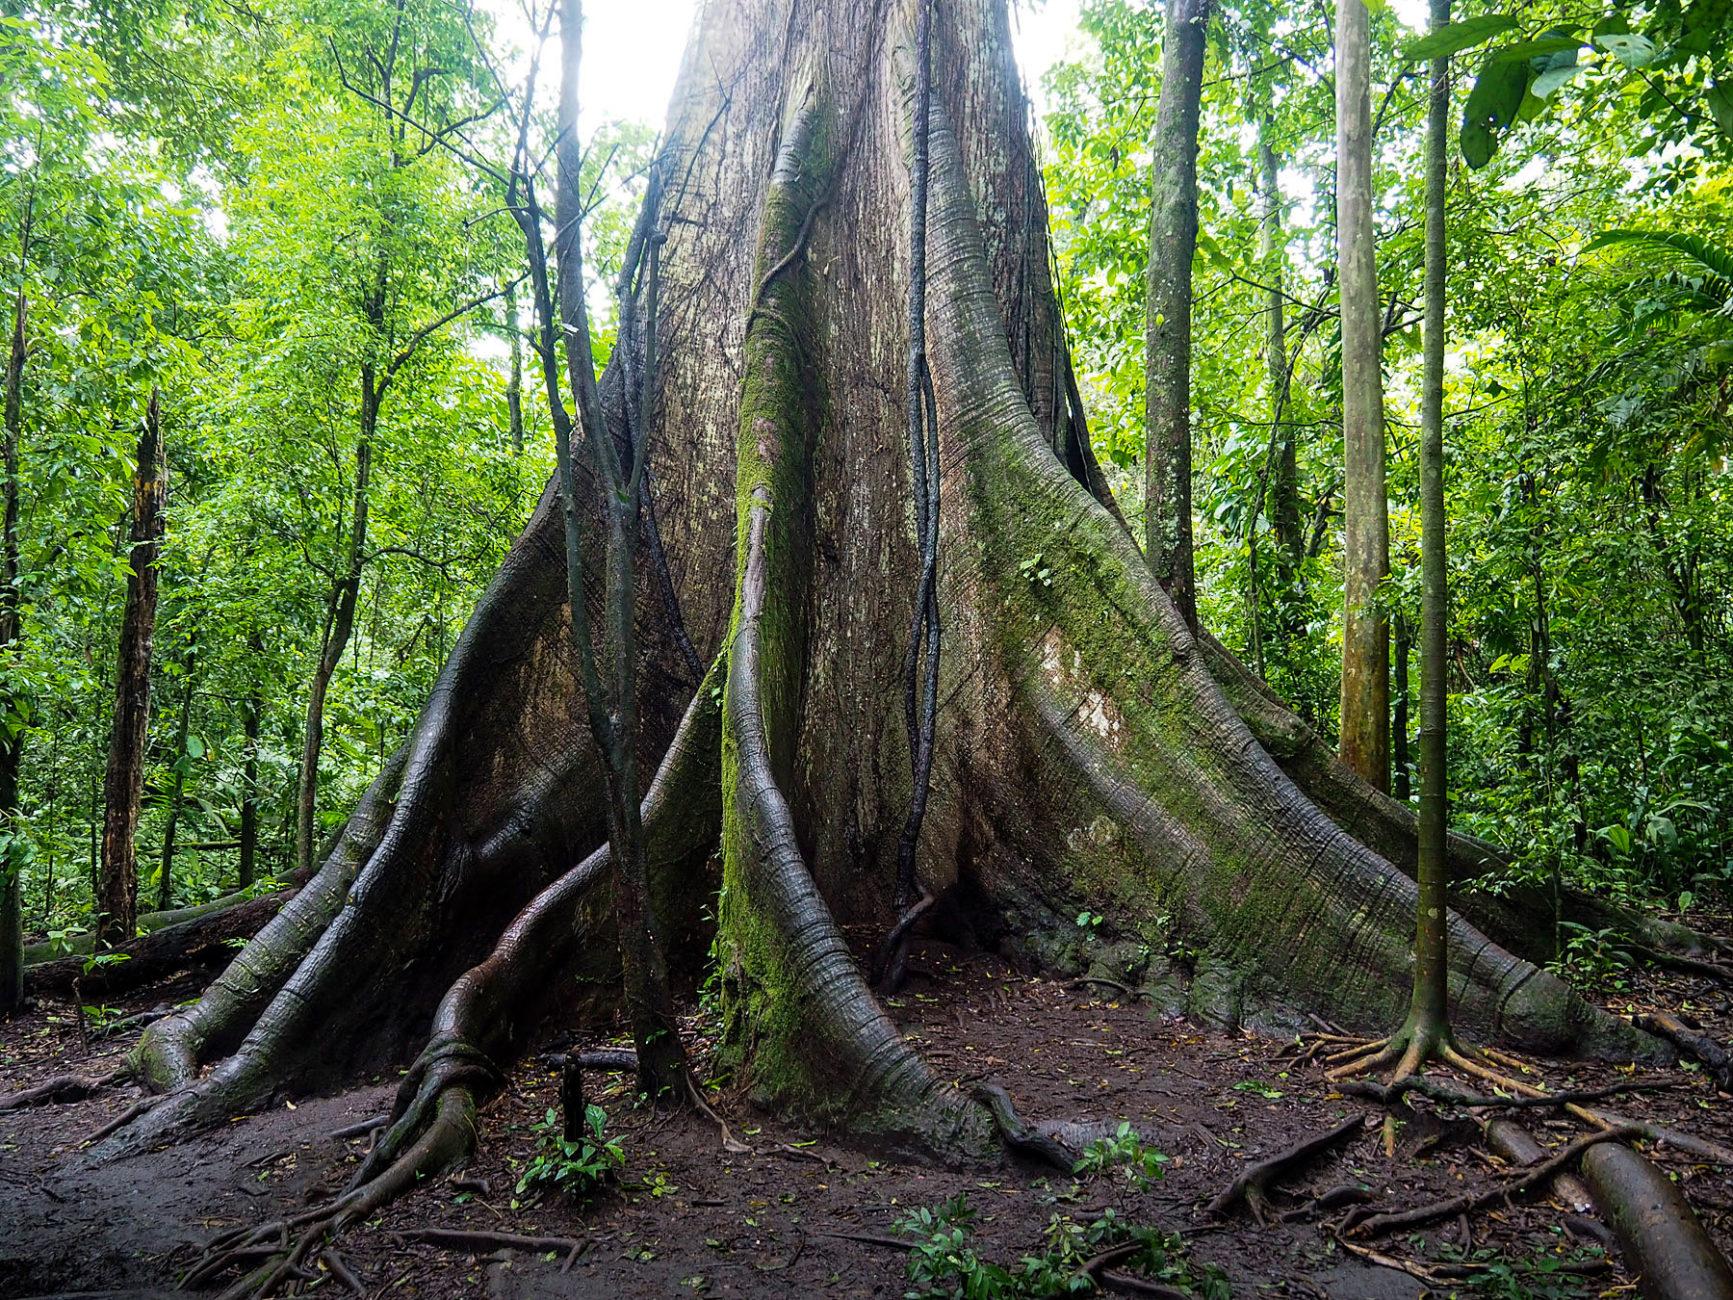 Baumriese im Regenwald